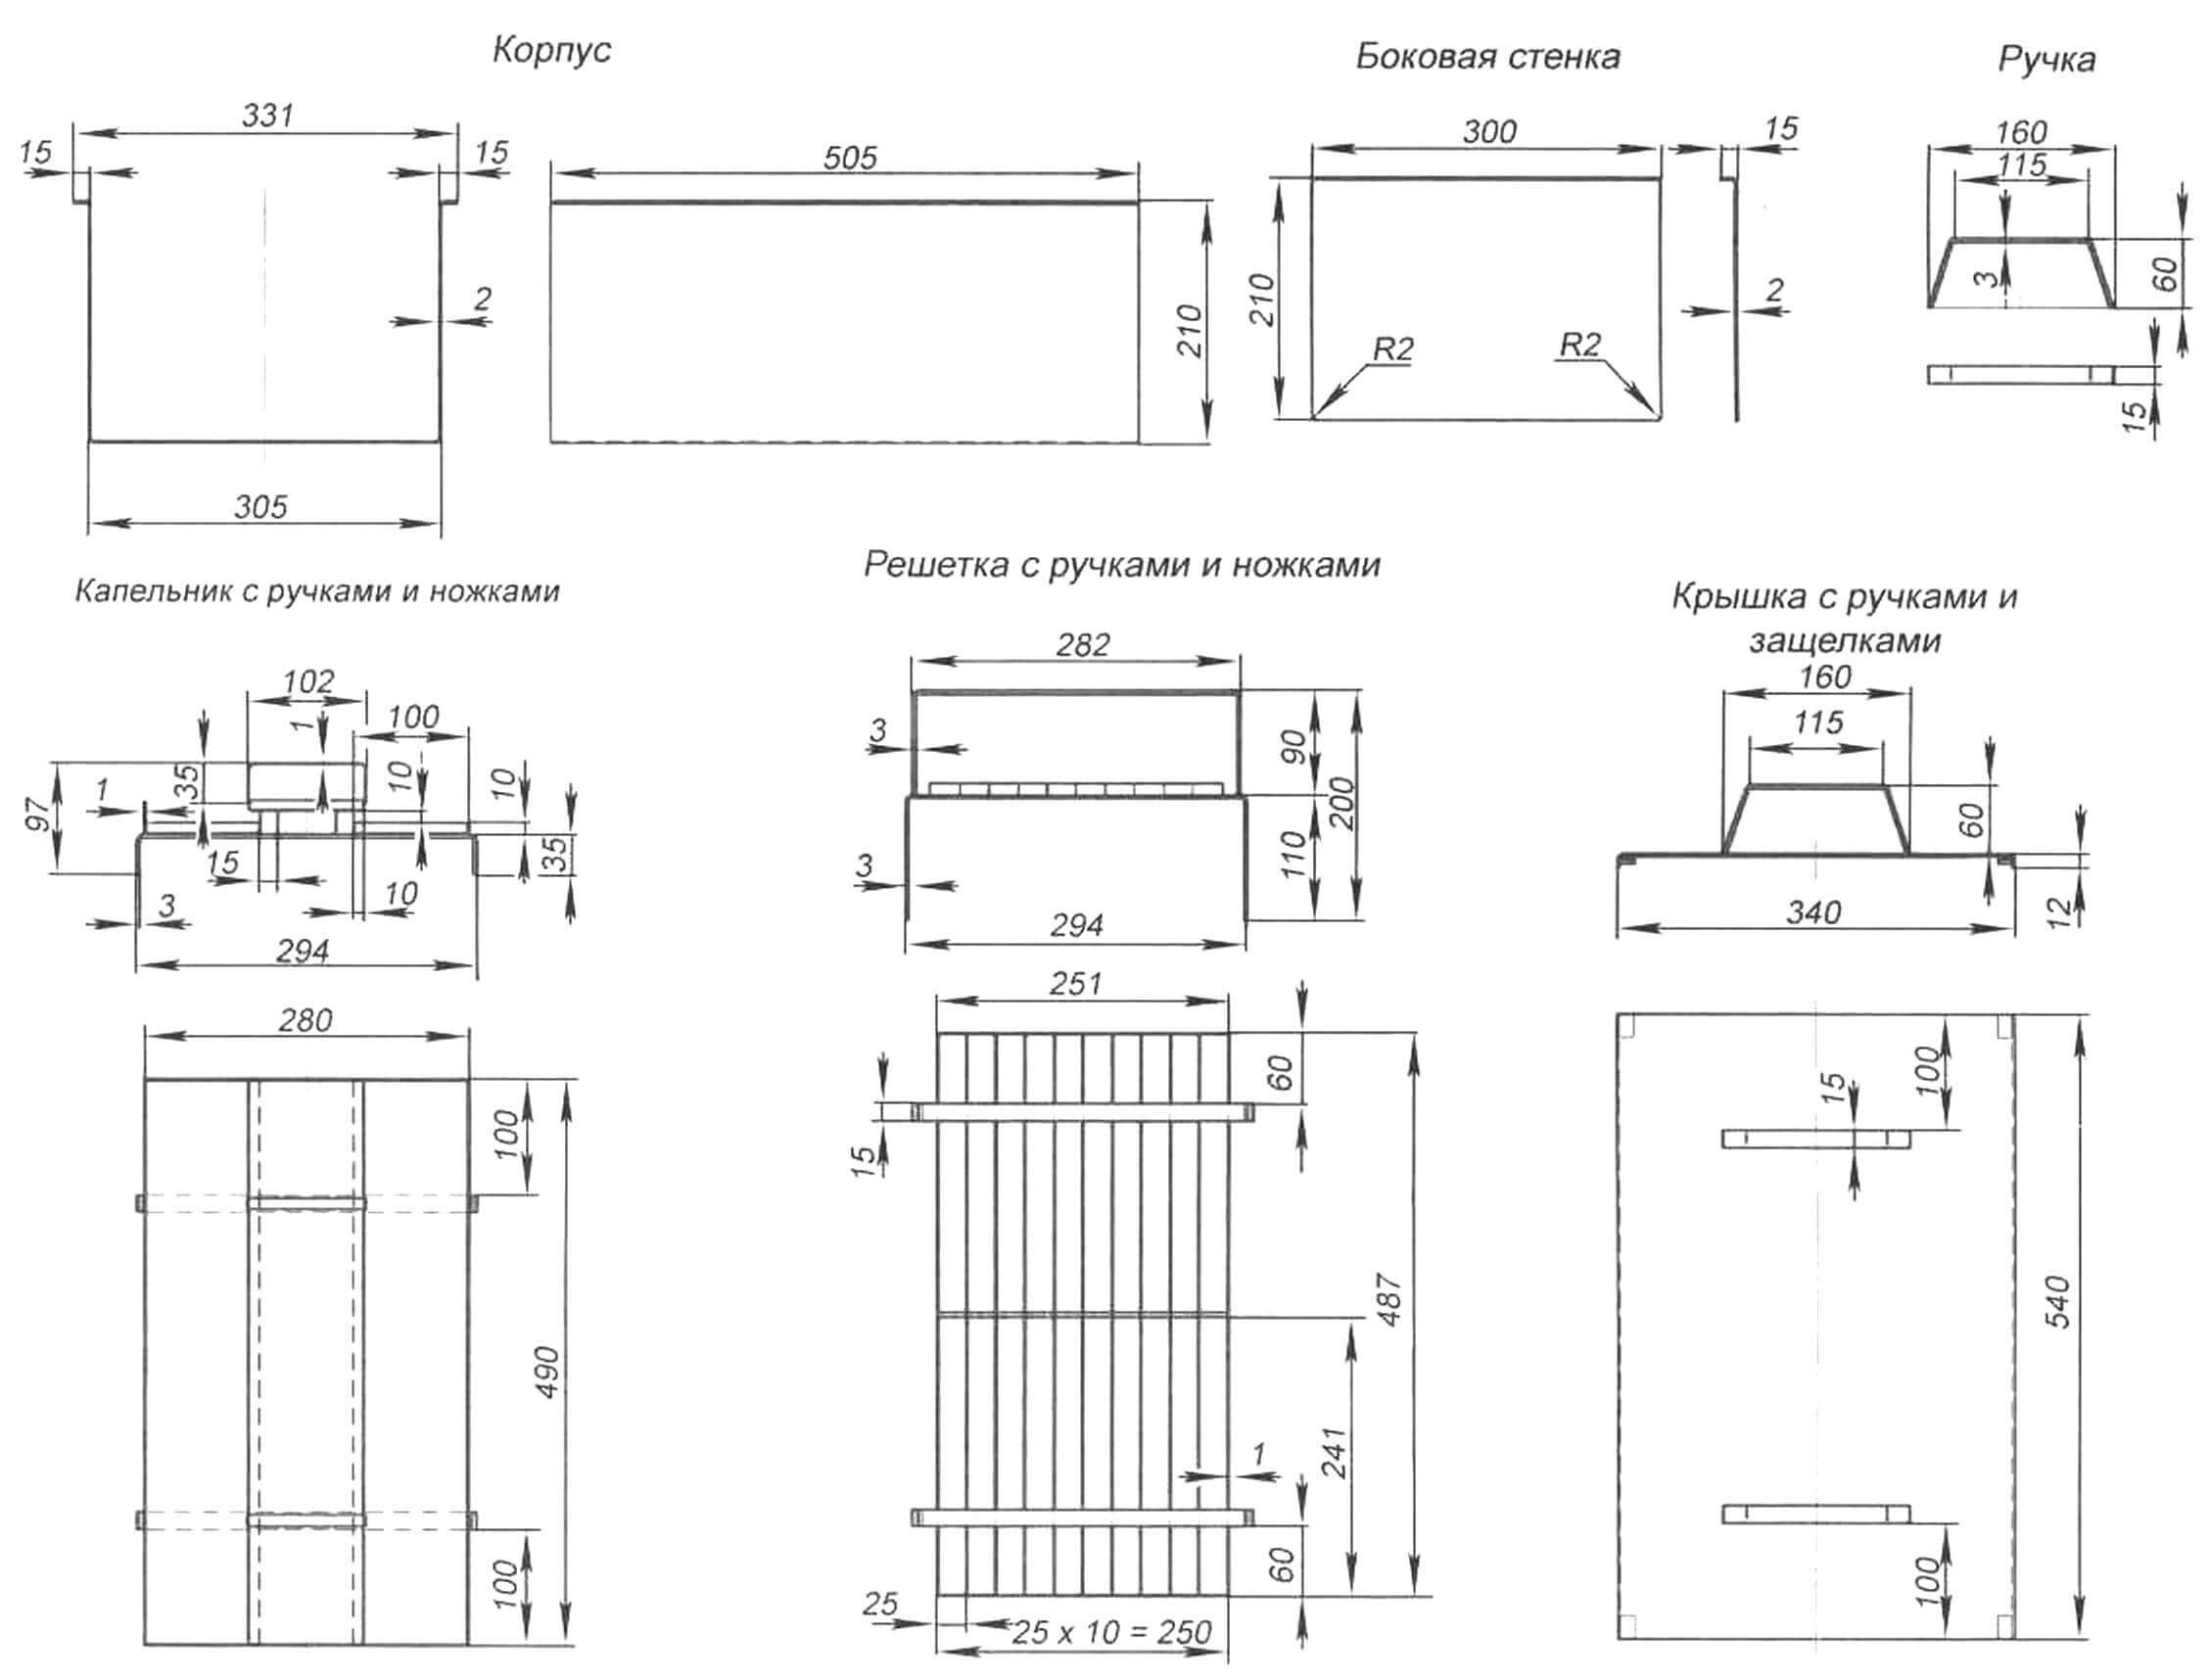 Самодельная коптилка горячего копчения - размеры, чертеж и схема самодельной коптильни горячего копчения – gidkaminov